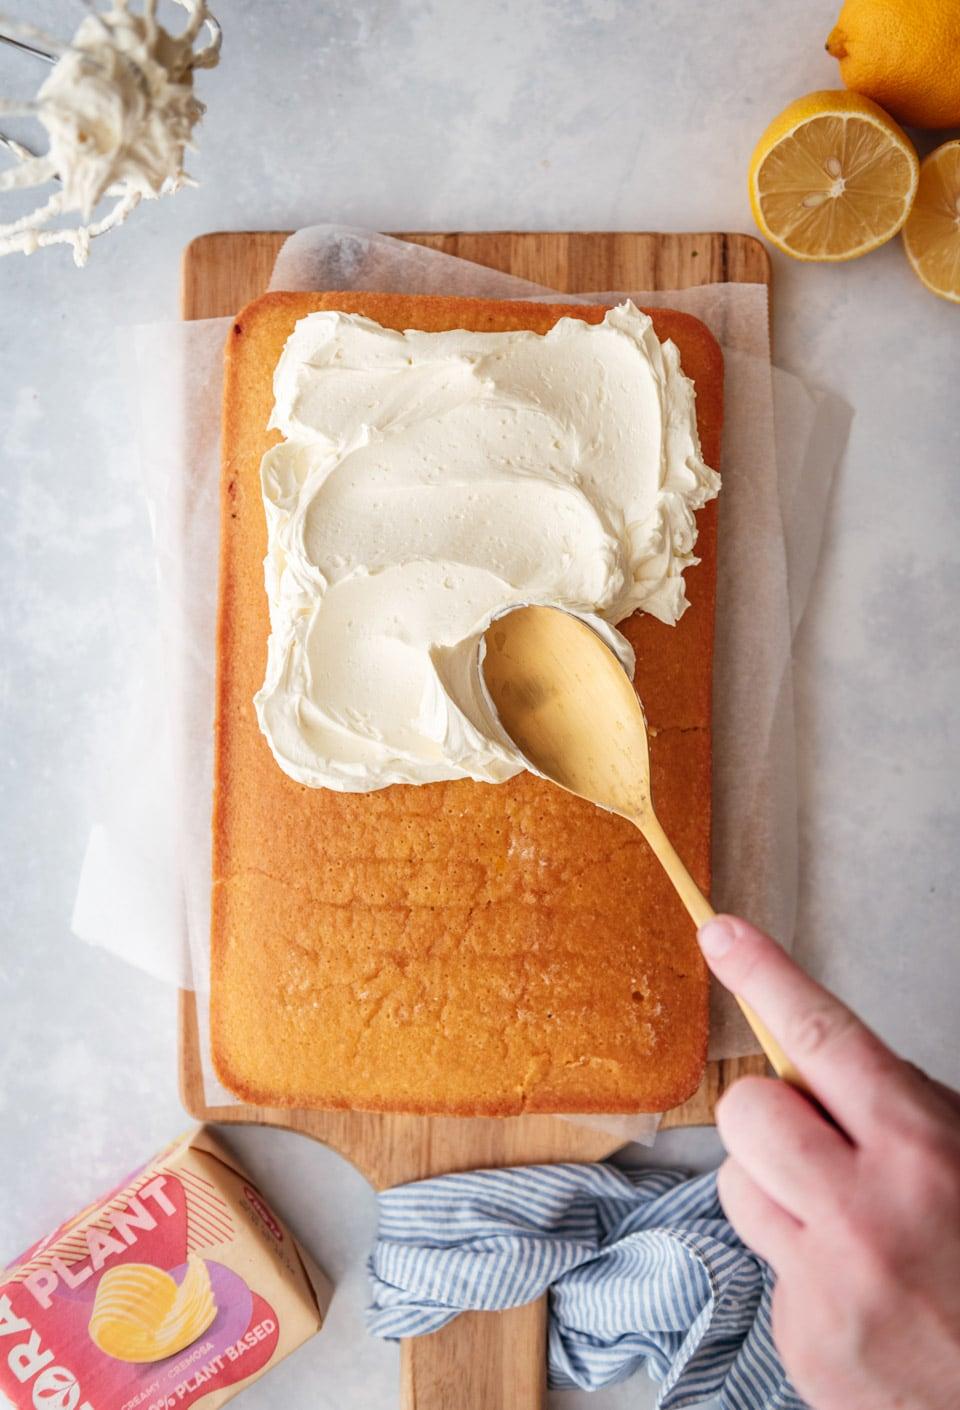 Vegan botercreme smeren